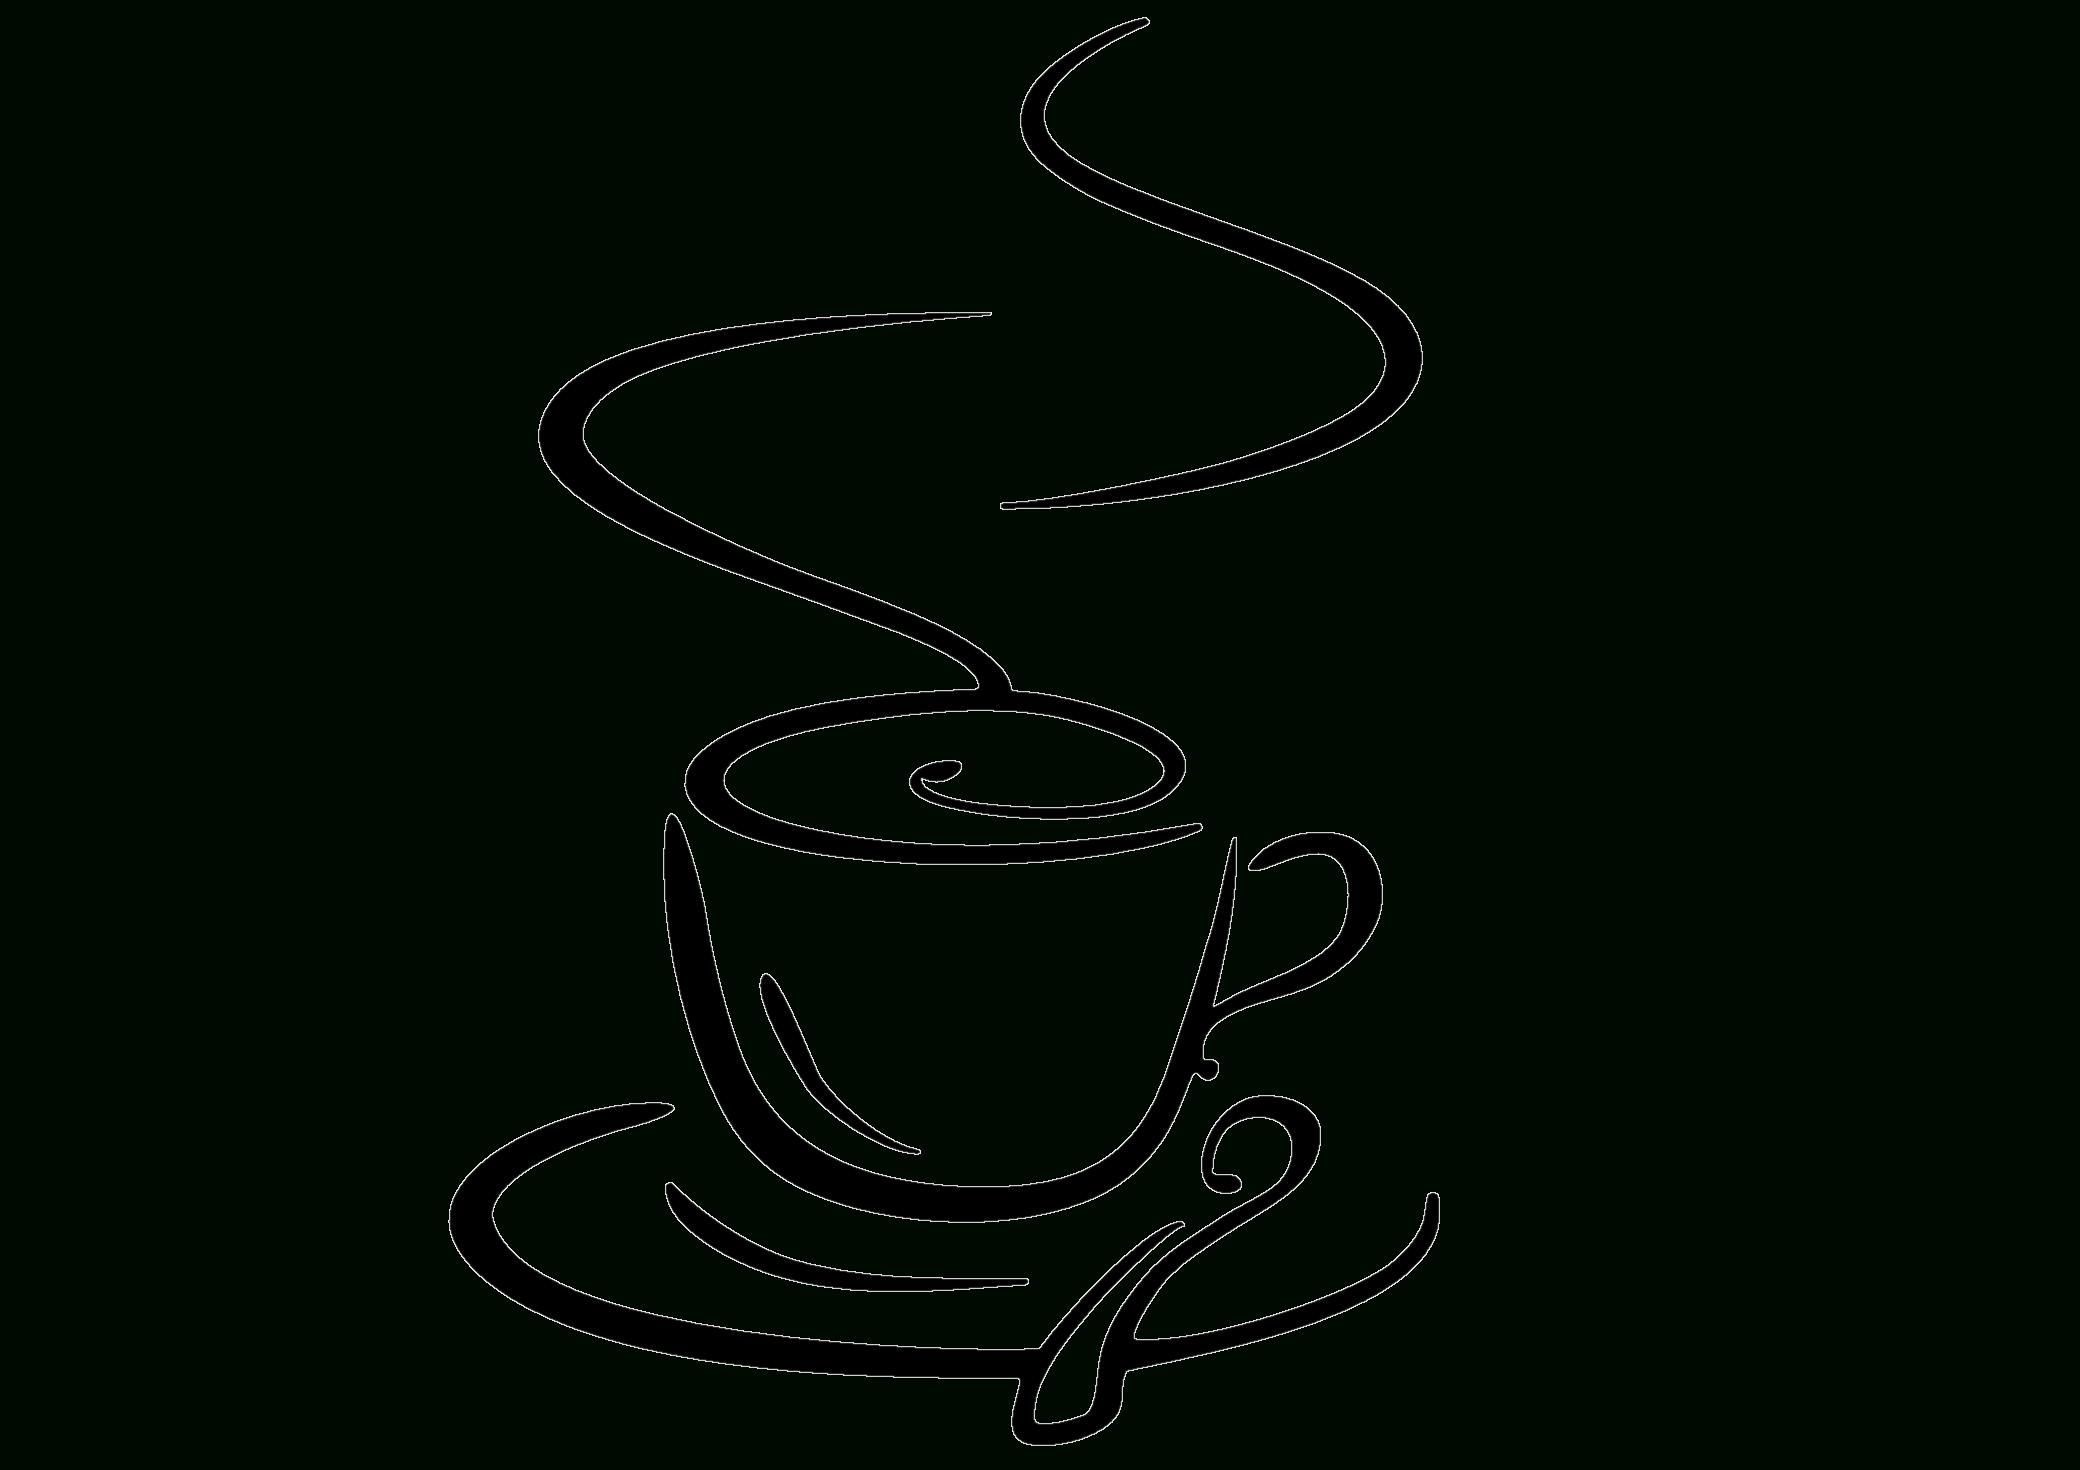 Vintage Tea Cup Drawing.